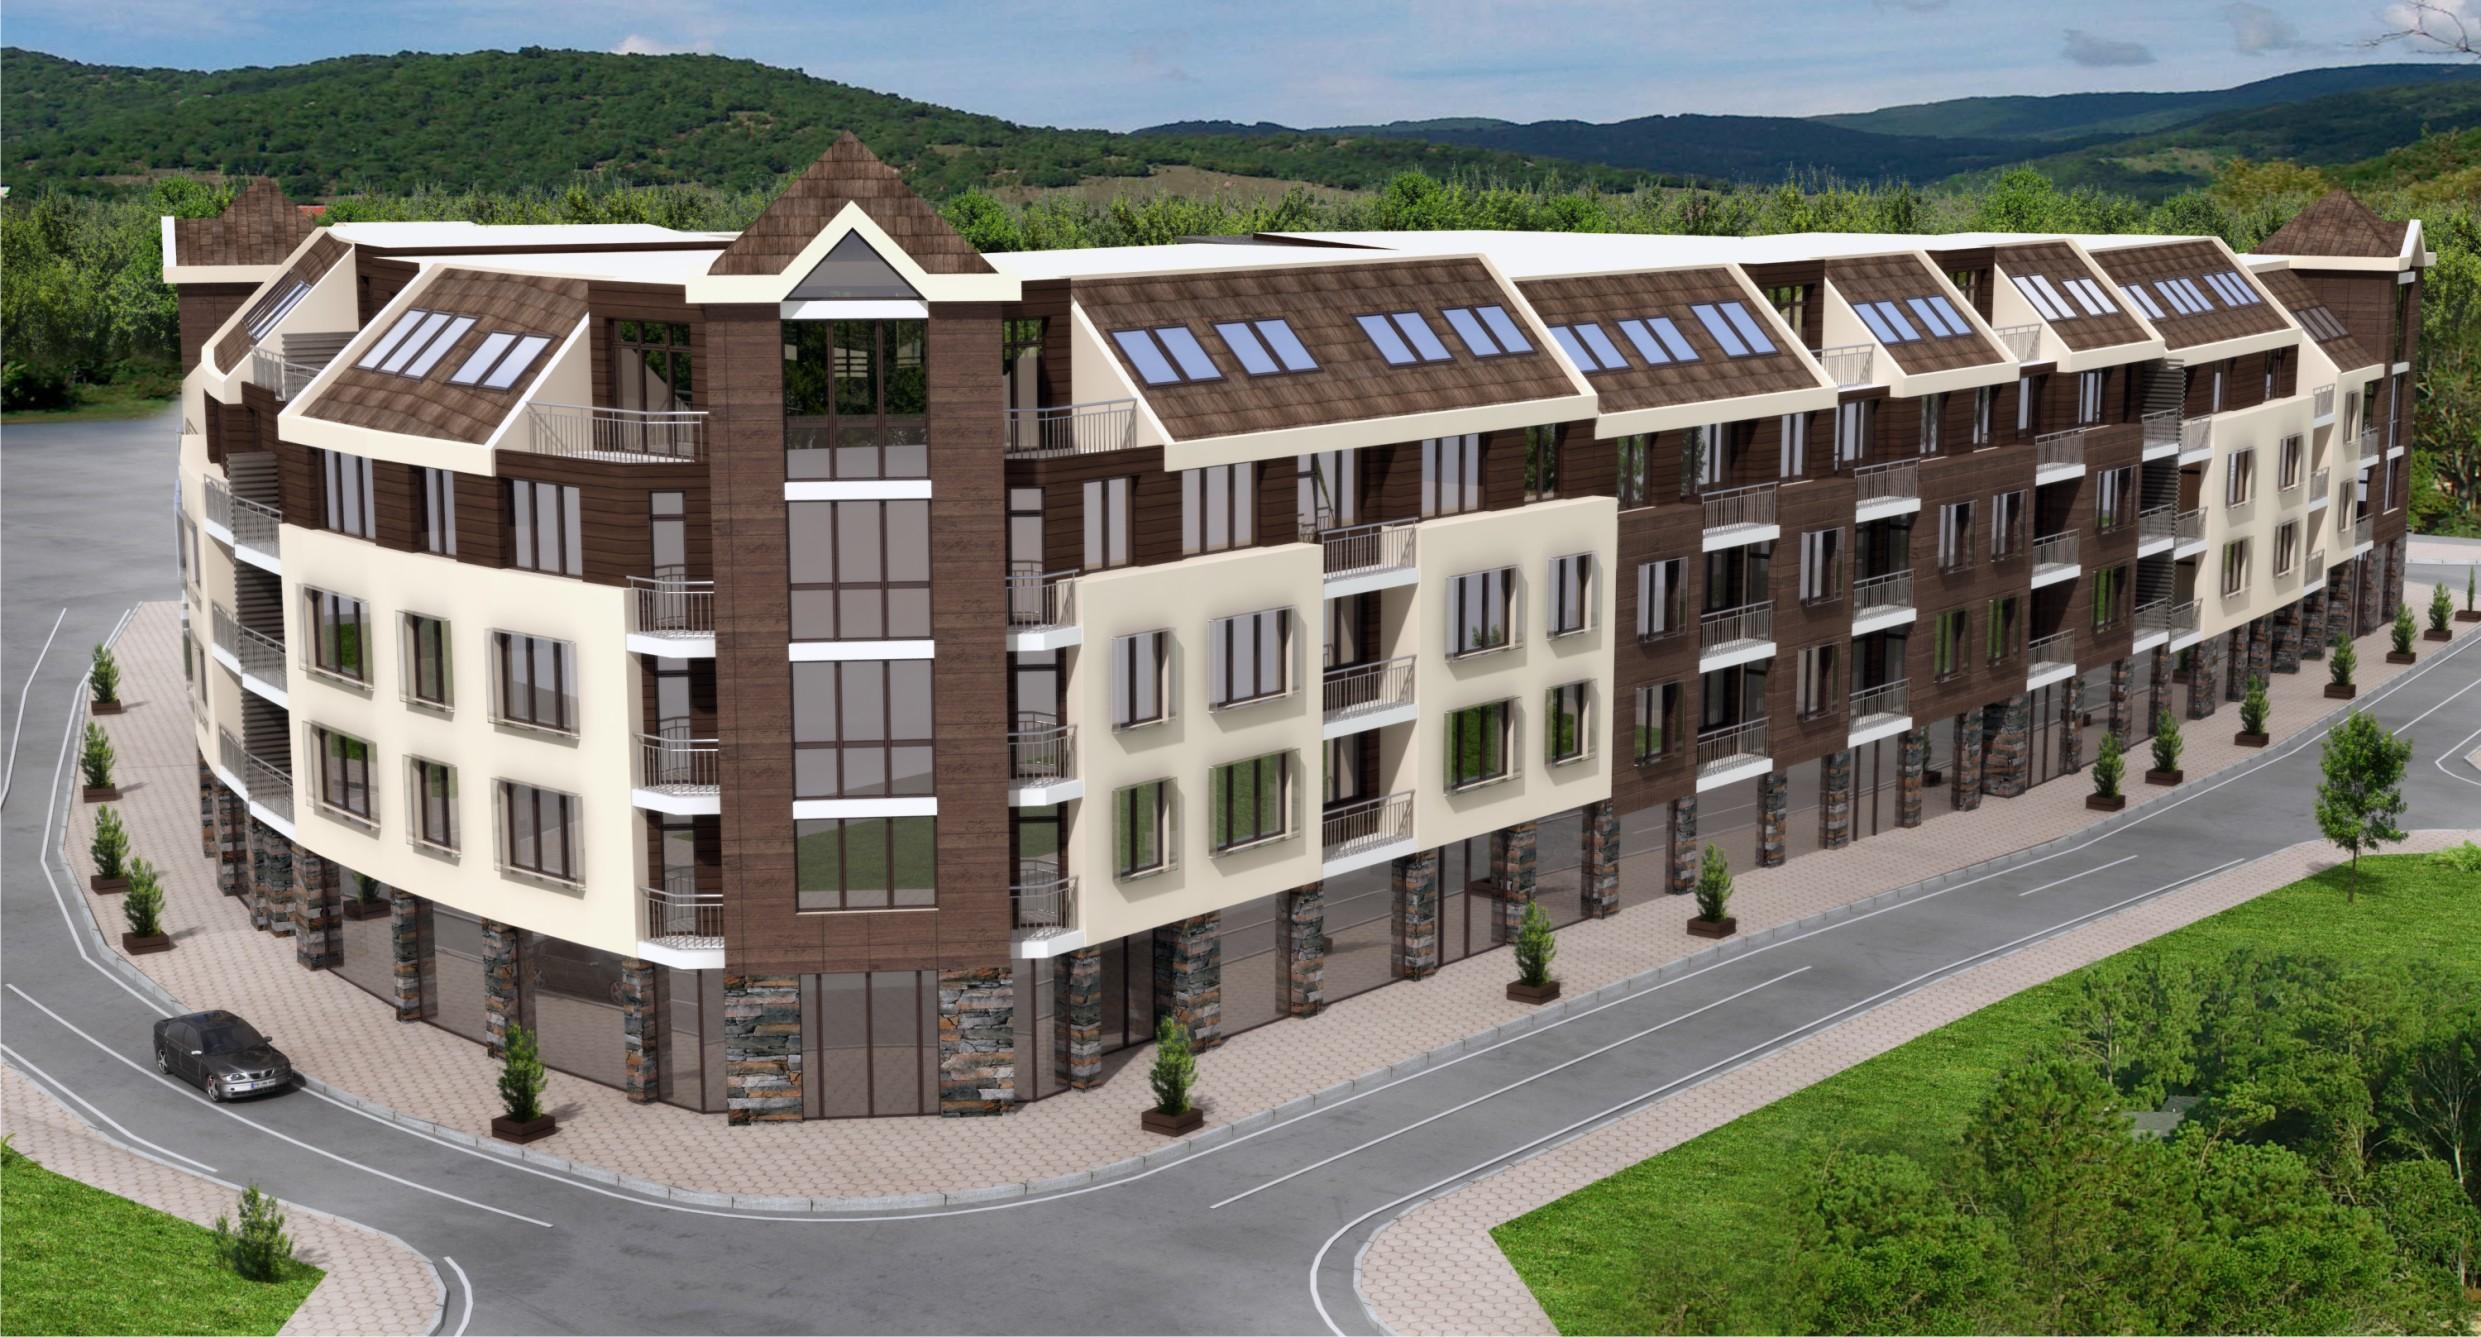 апартаменти в луксозна новострояща се сграда в кв. Витоша, София